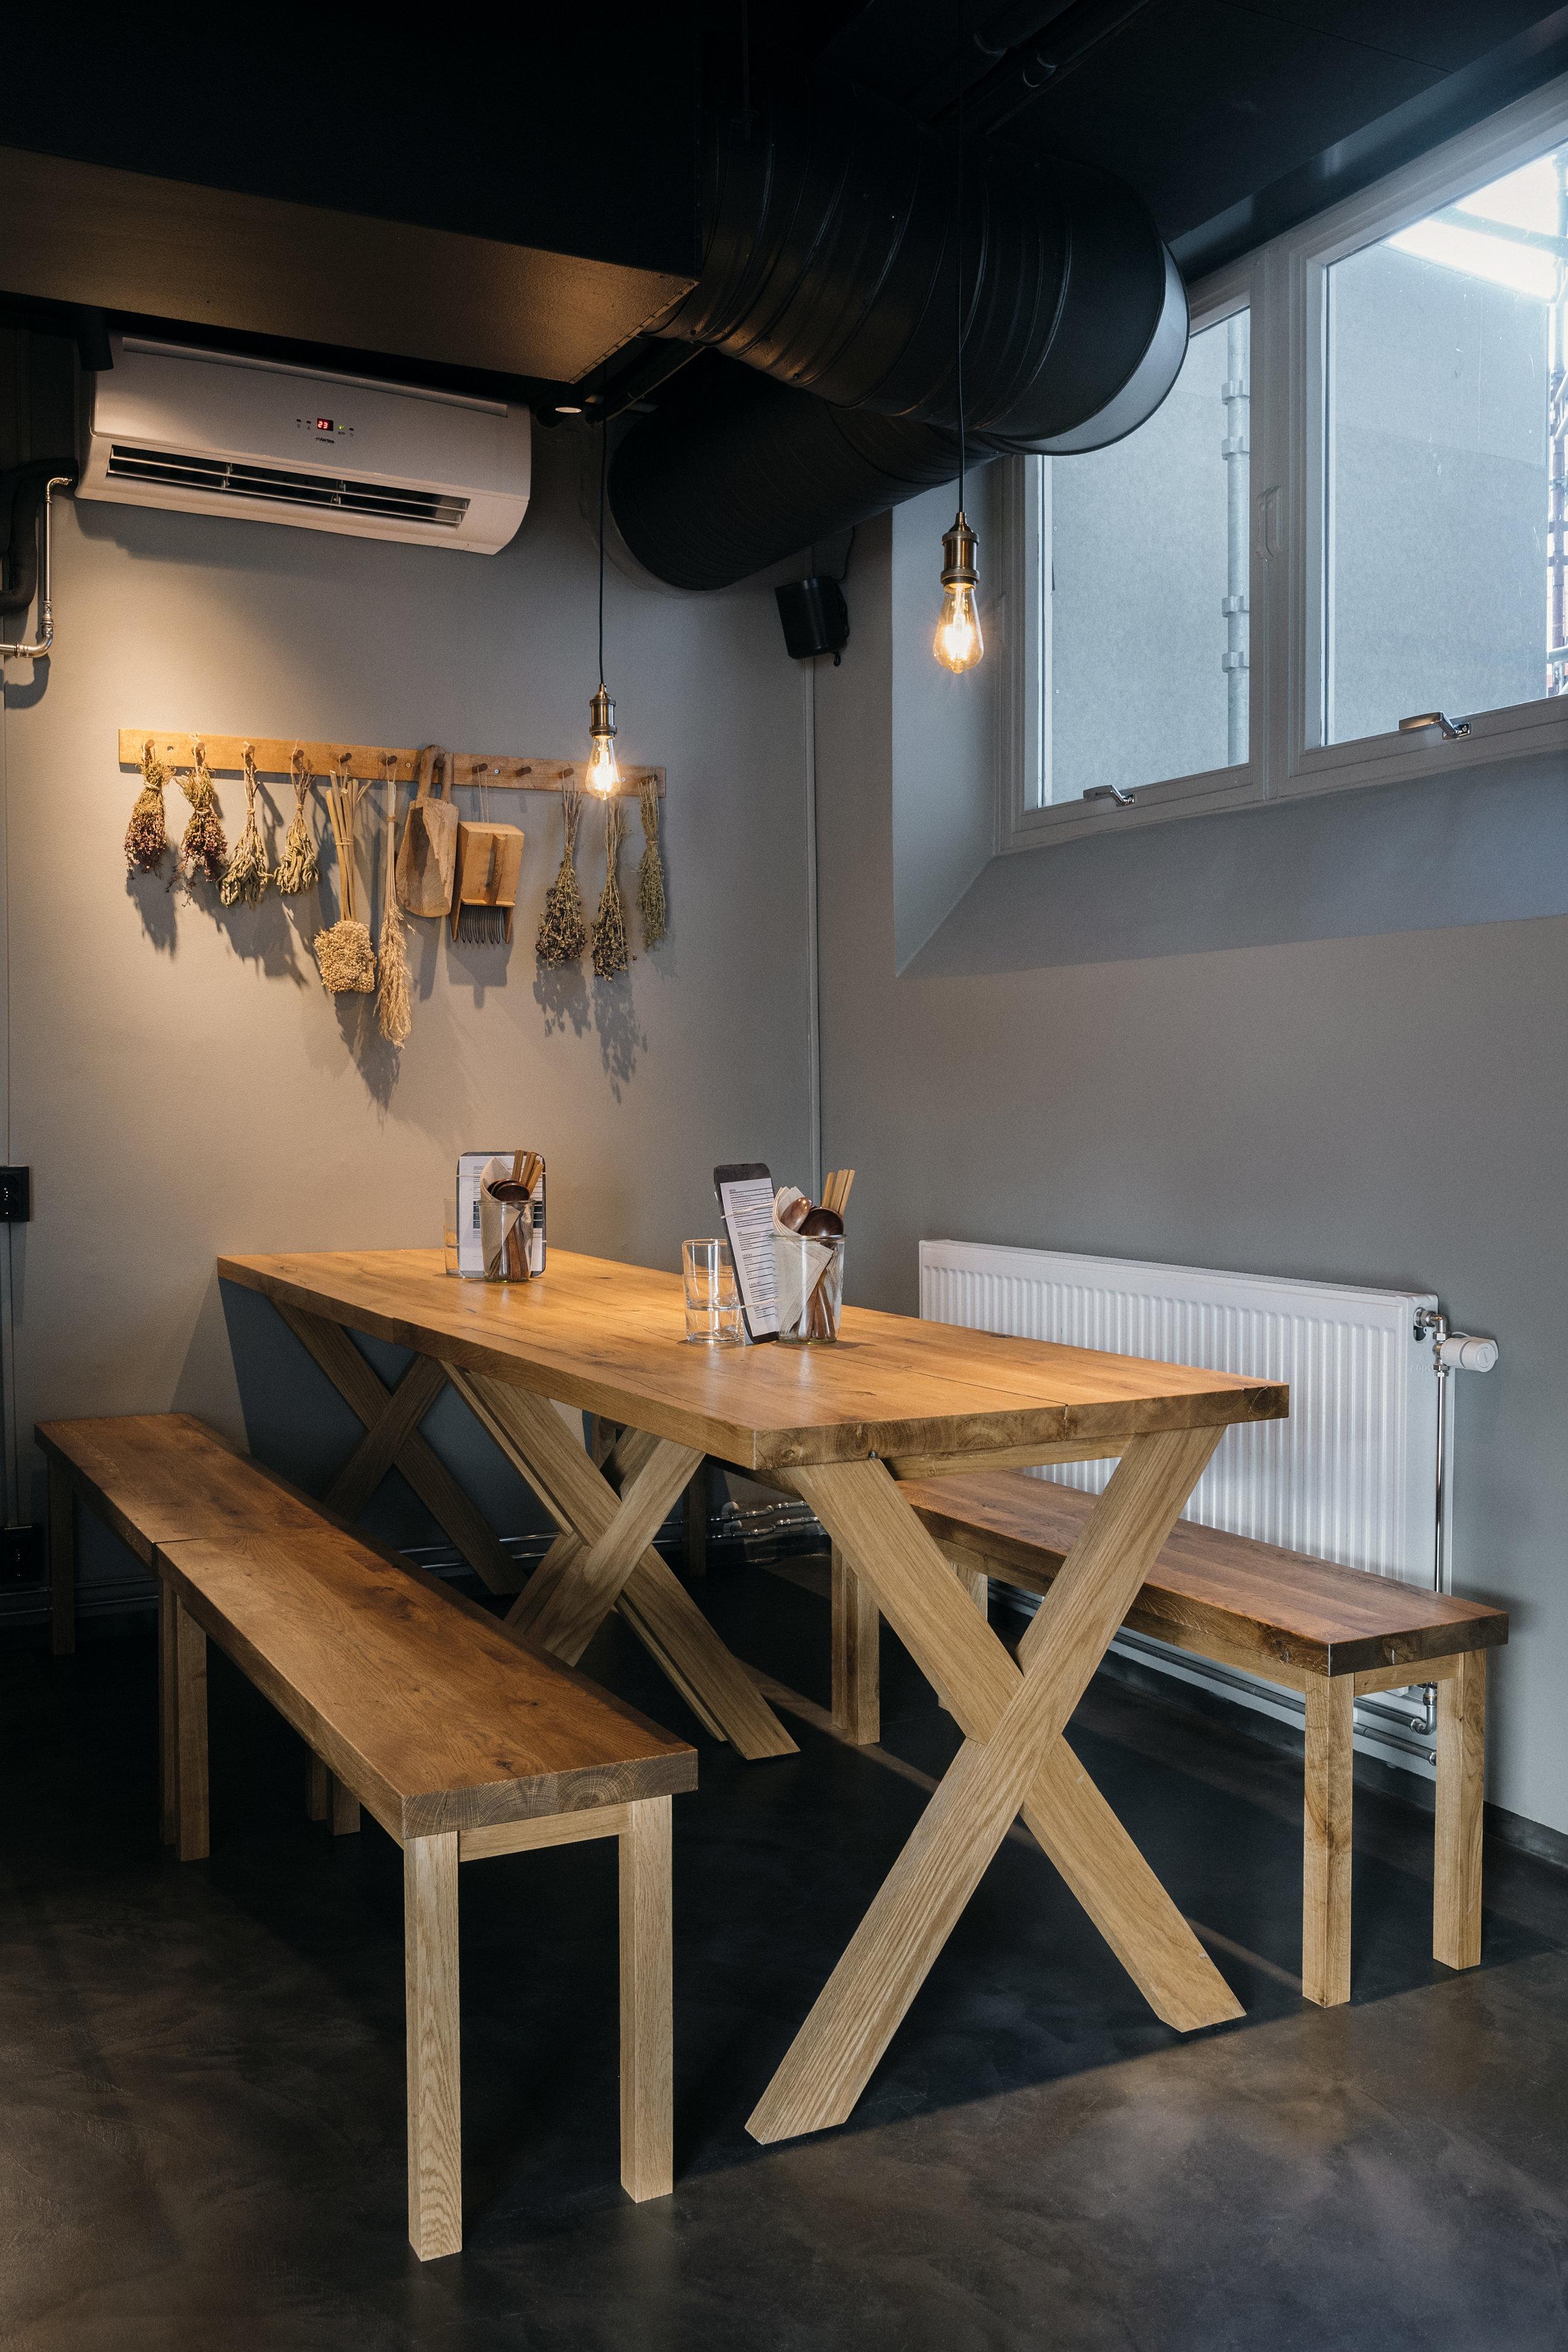 Hrimnir-ramen-oslo-chambre.jpg